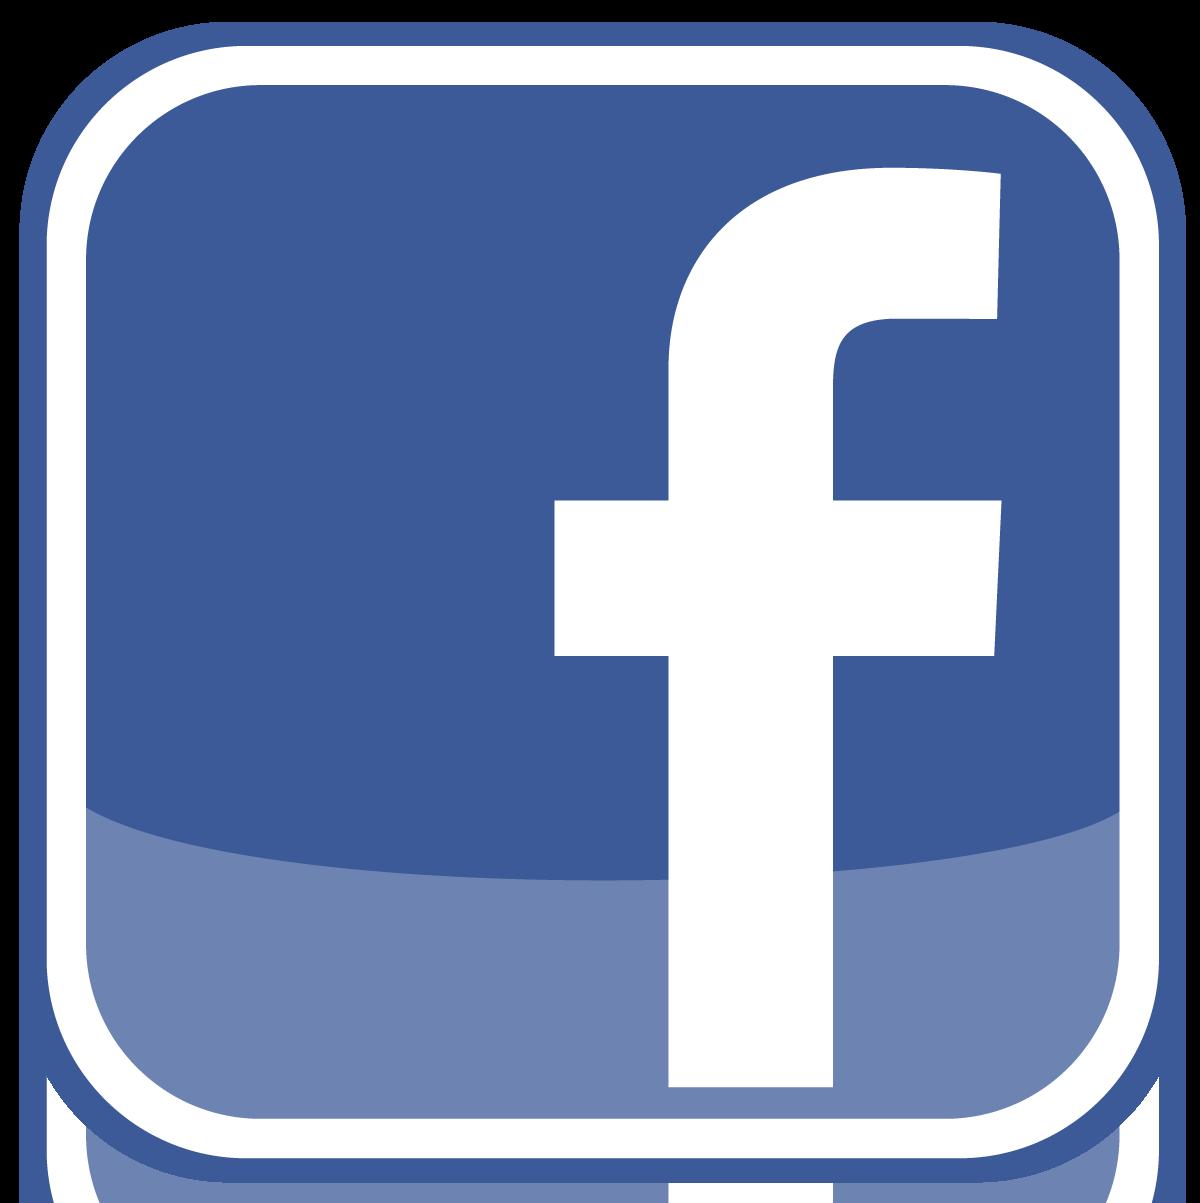 Facebook CIE